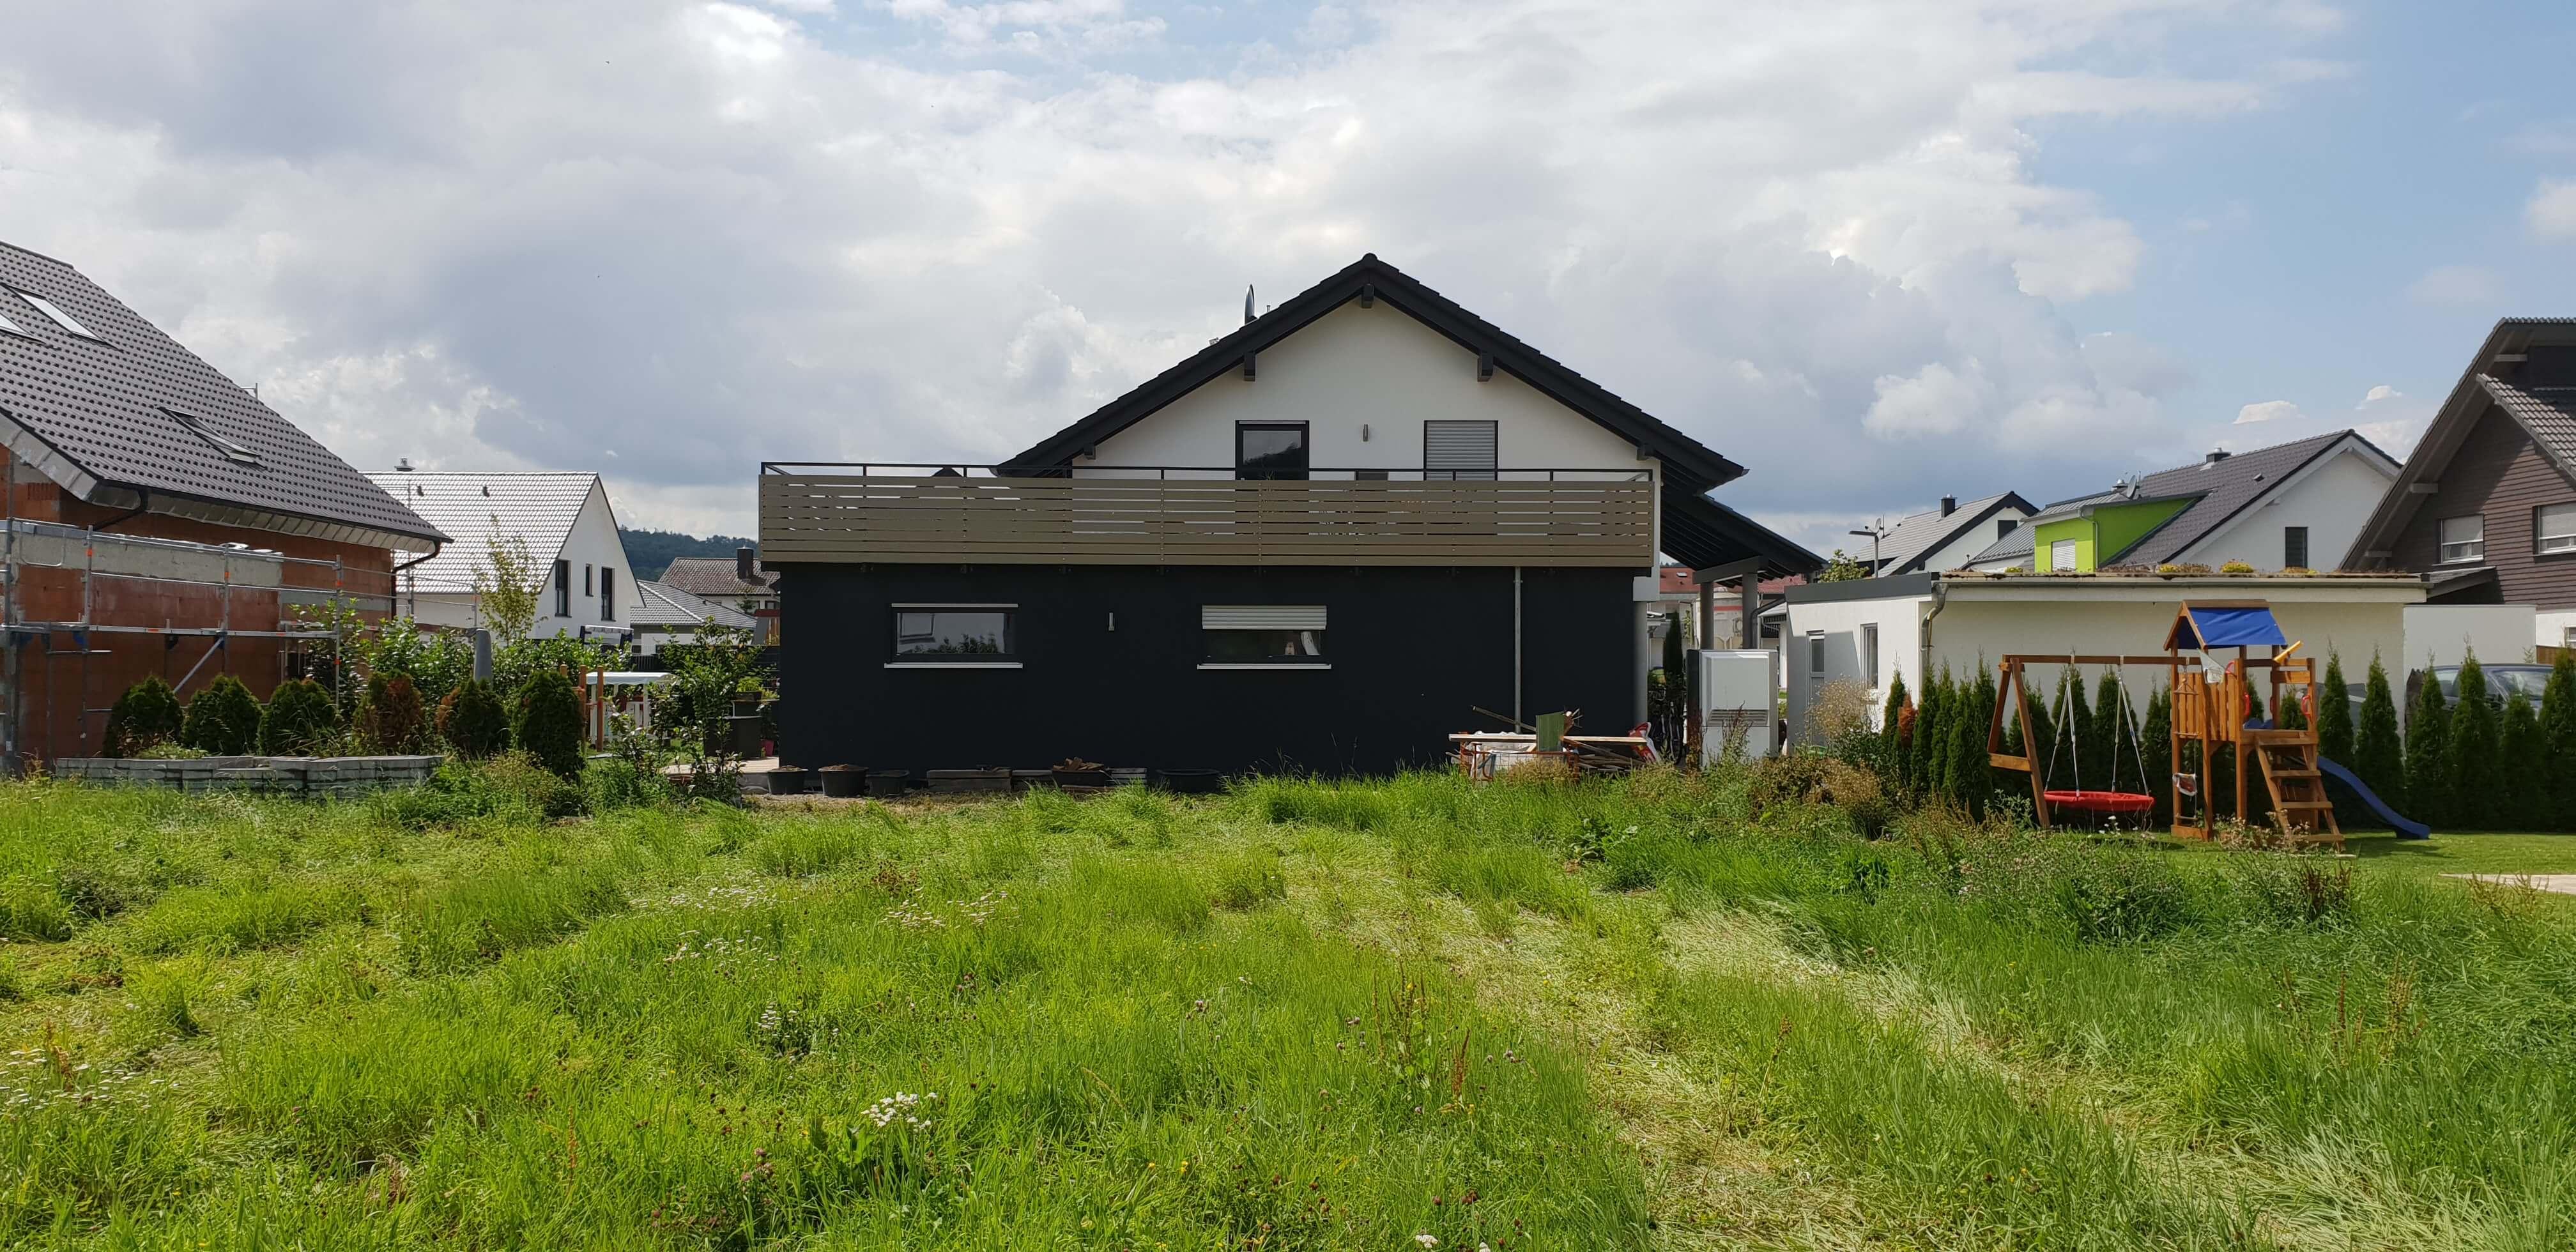 Terrassenüberdachung und Aluminiumgeländer (1) Schlosserei Schad